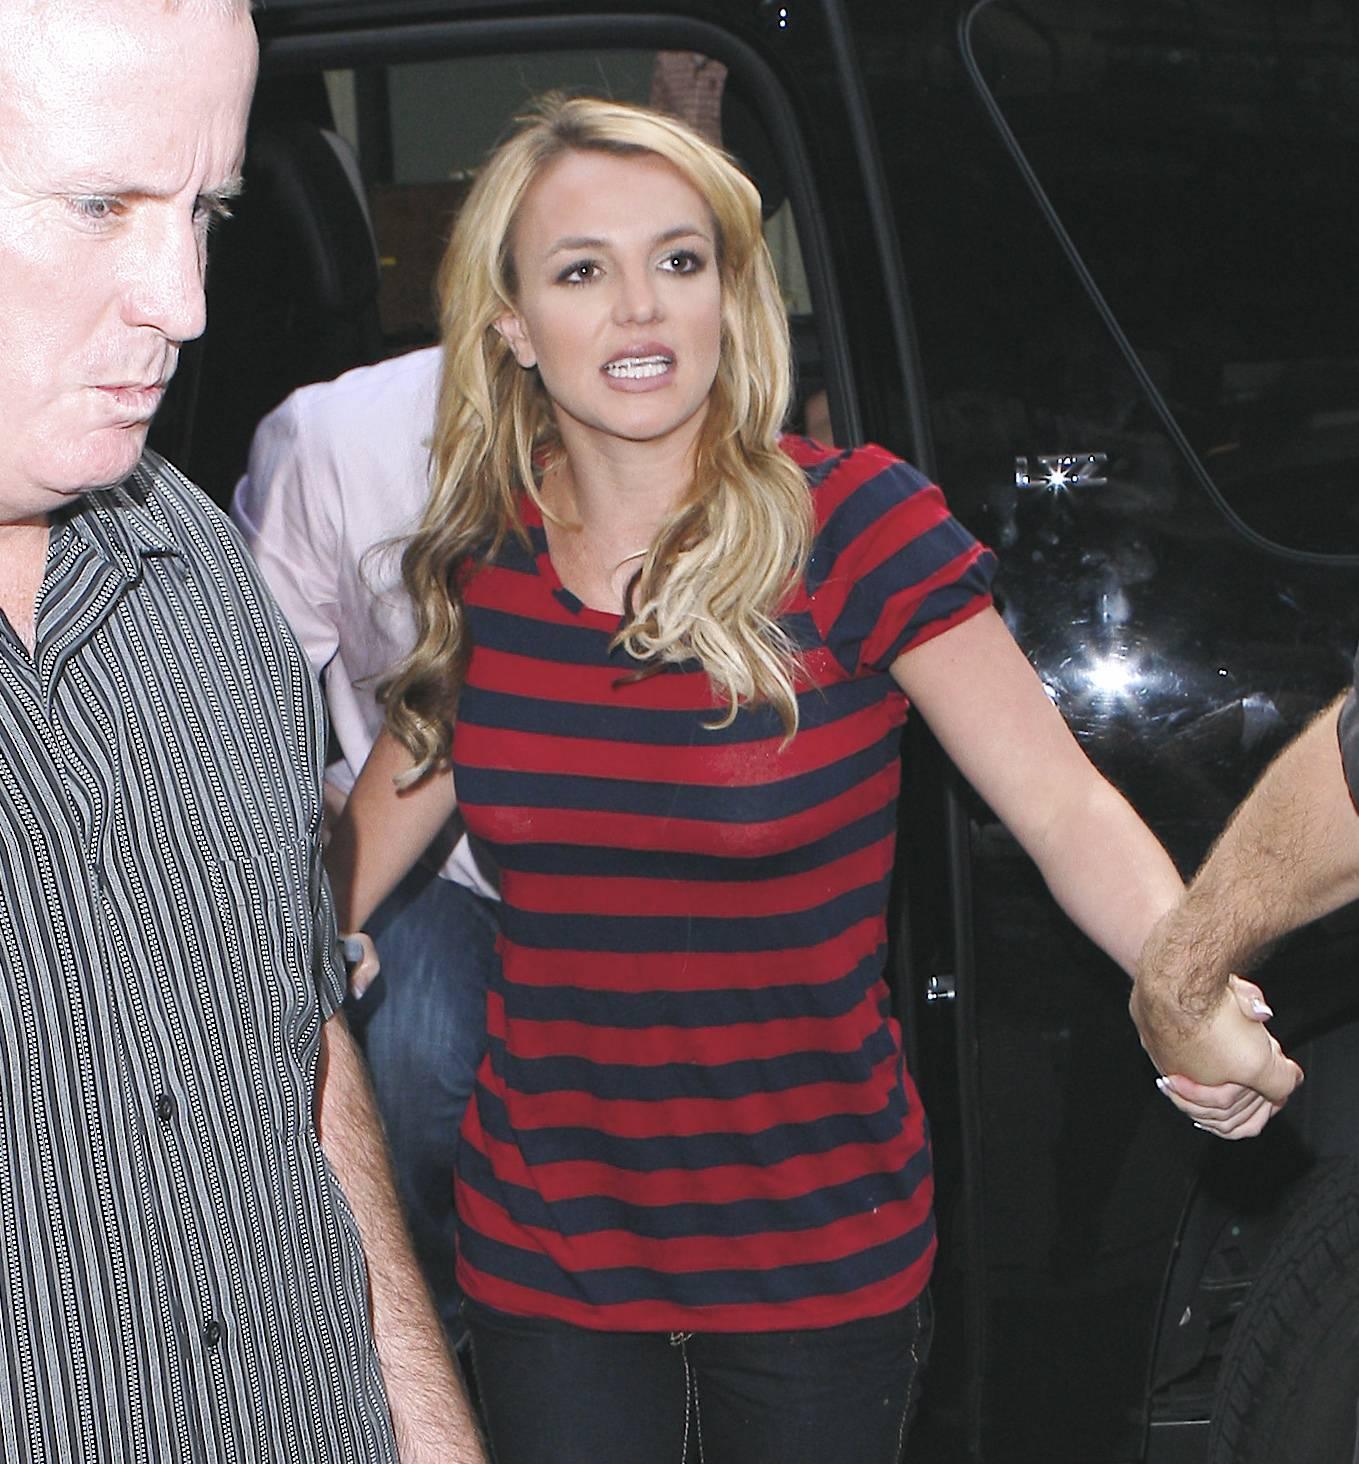 07053_Celebutopia-Britney_Spears_shopping_in_Soho-03_122_1181lo.jpg